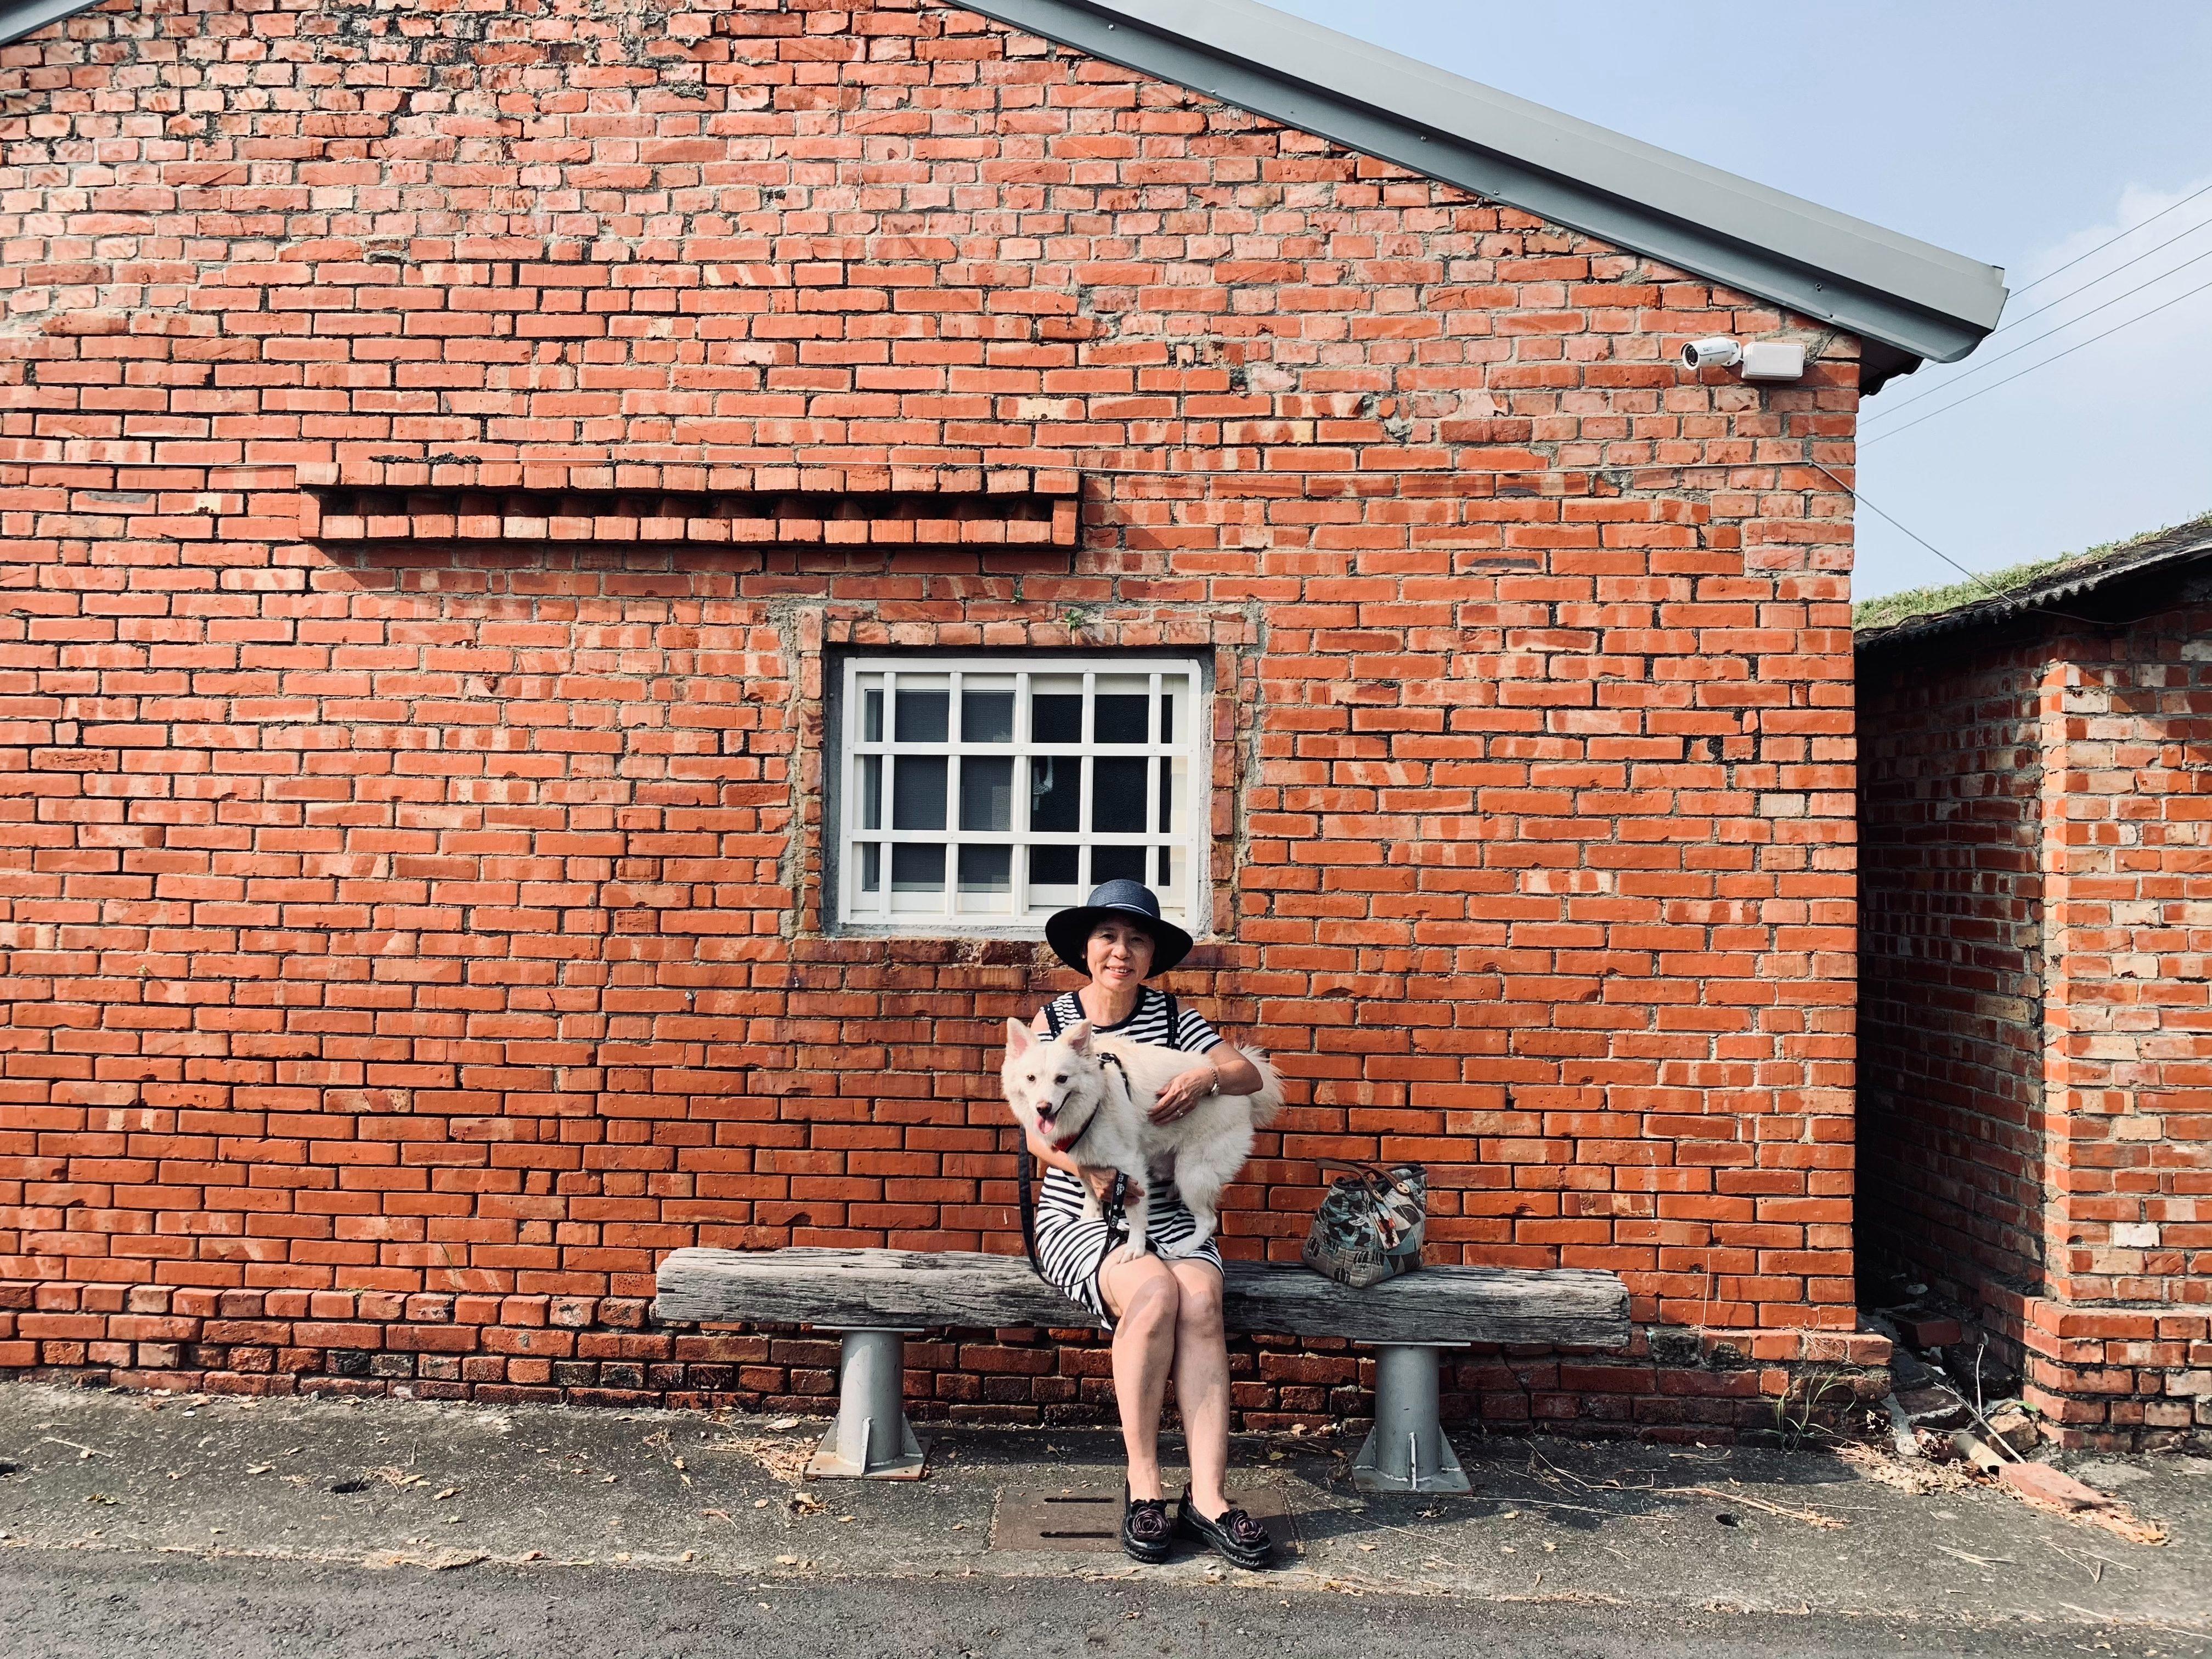 台南後壁菁寮老街-後壁景點-白河一日遊-萬里長城順遊景點-菁寮老街-俗女養成記-俗女養成記拍攝景點